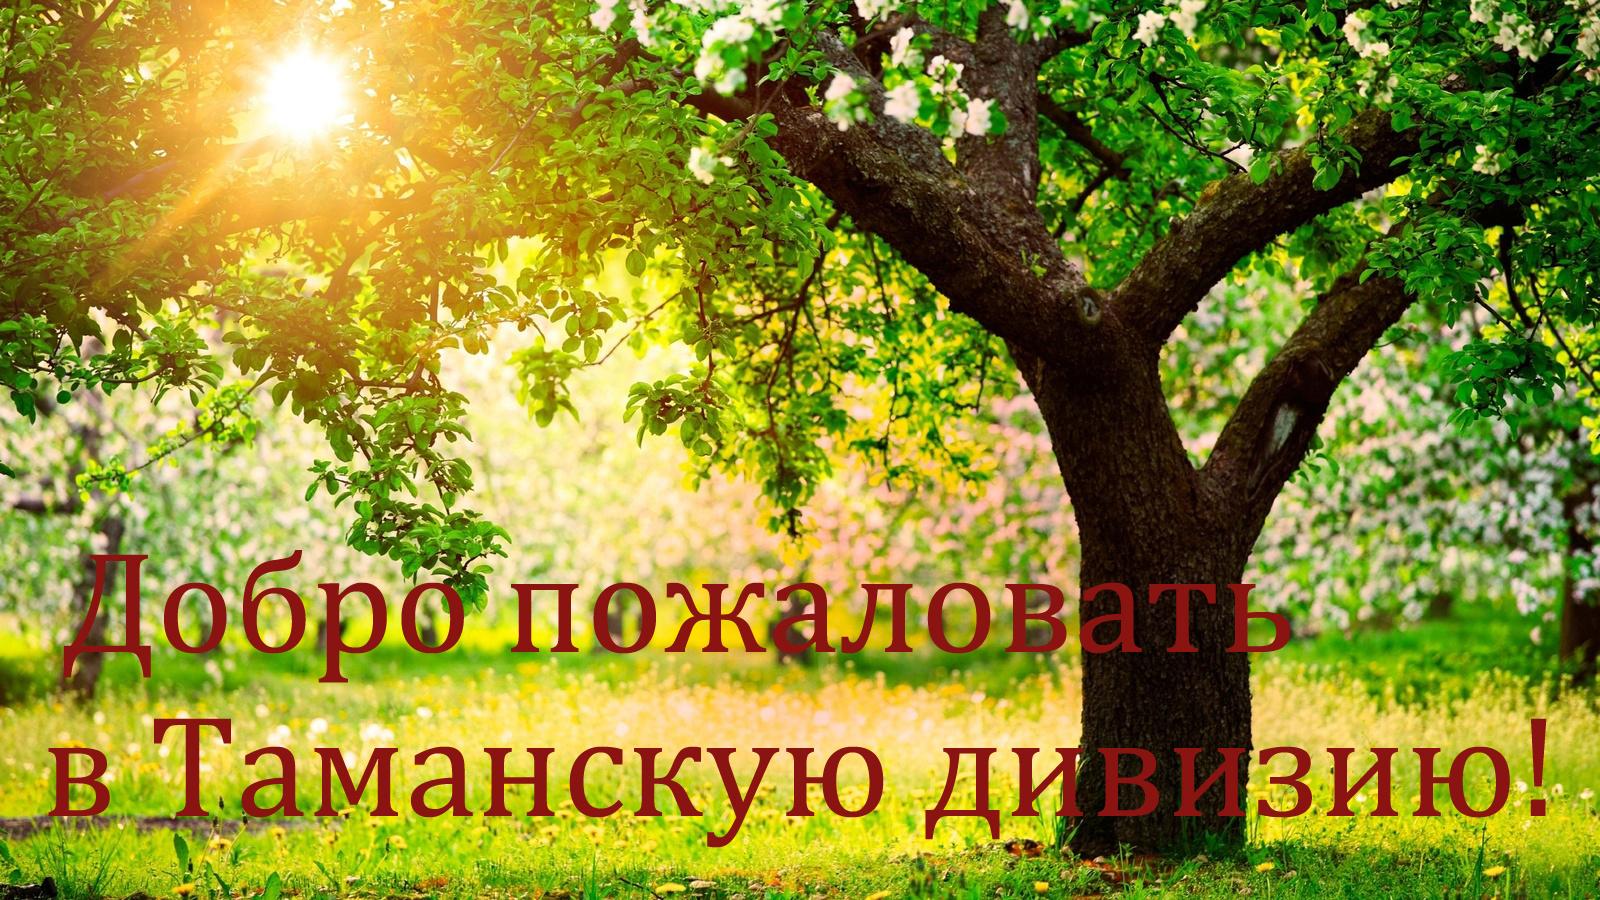 http://s3.uploads.ru/gjPlO.jpg